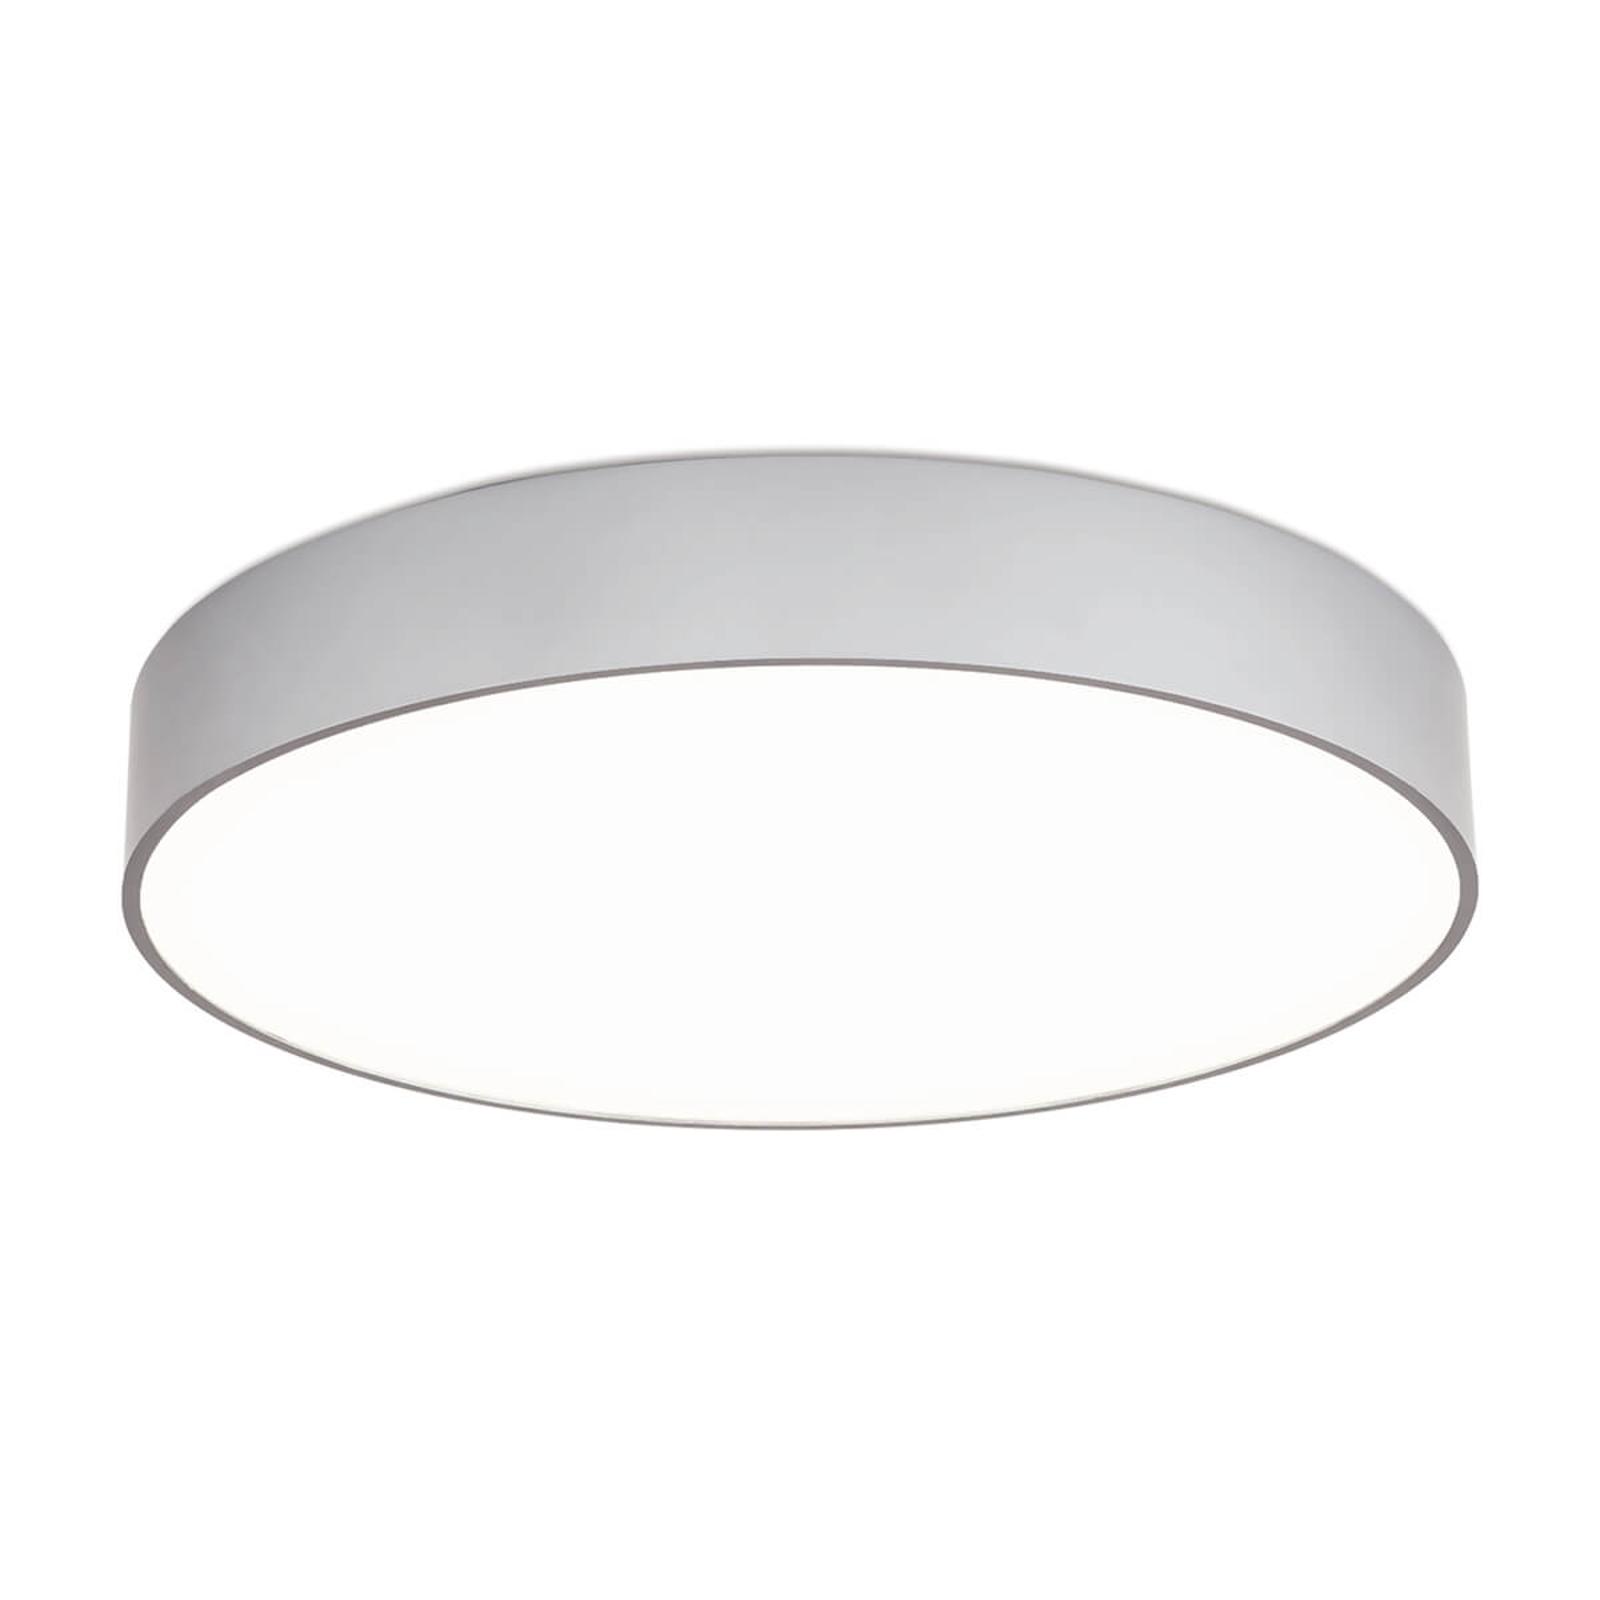 Ściemniana lampa sufitowa LED Egilo, 45 cm